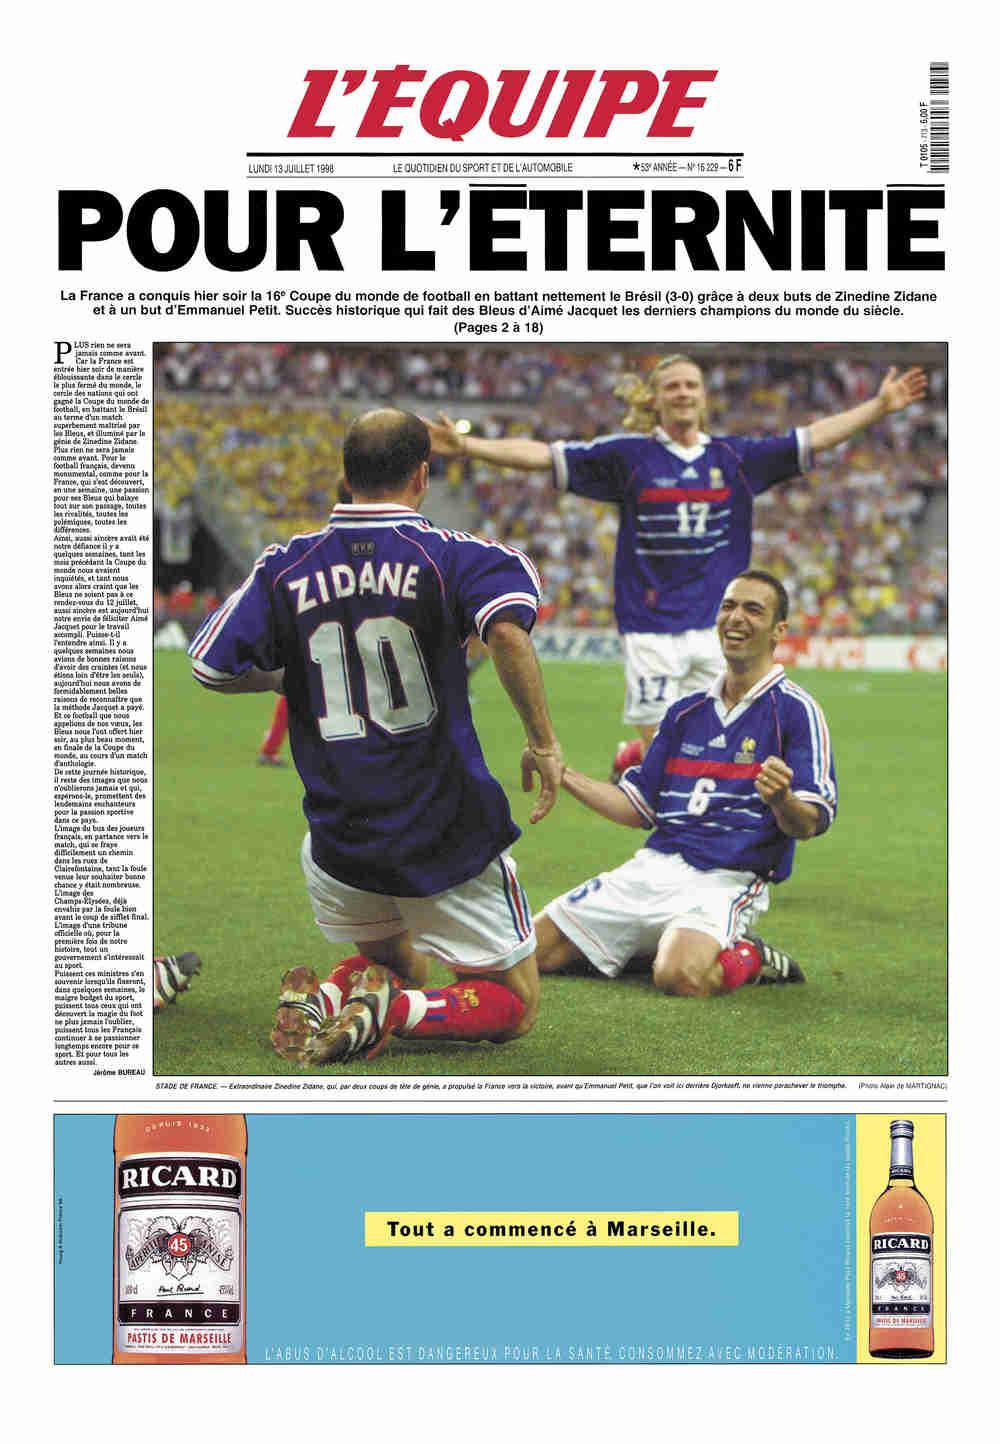 Le Comptoir du Sport - Page 6 1998-07-13